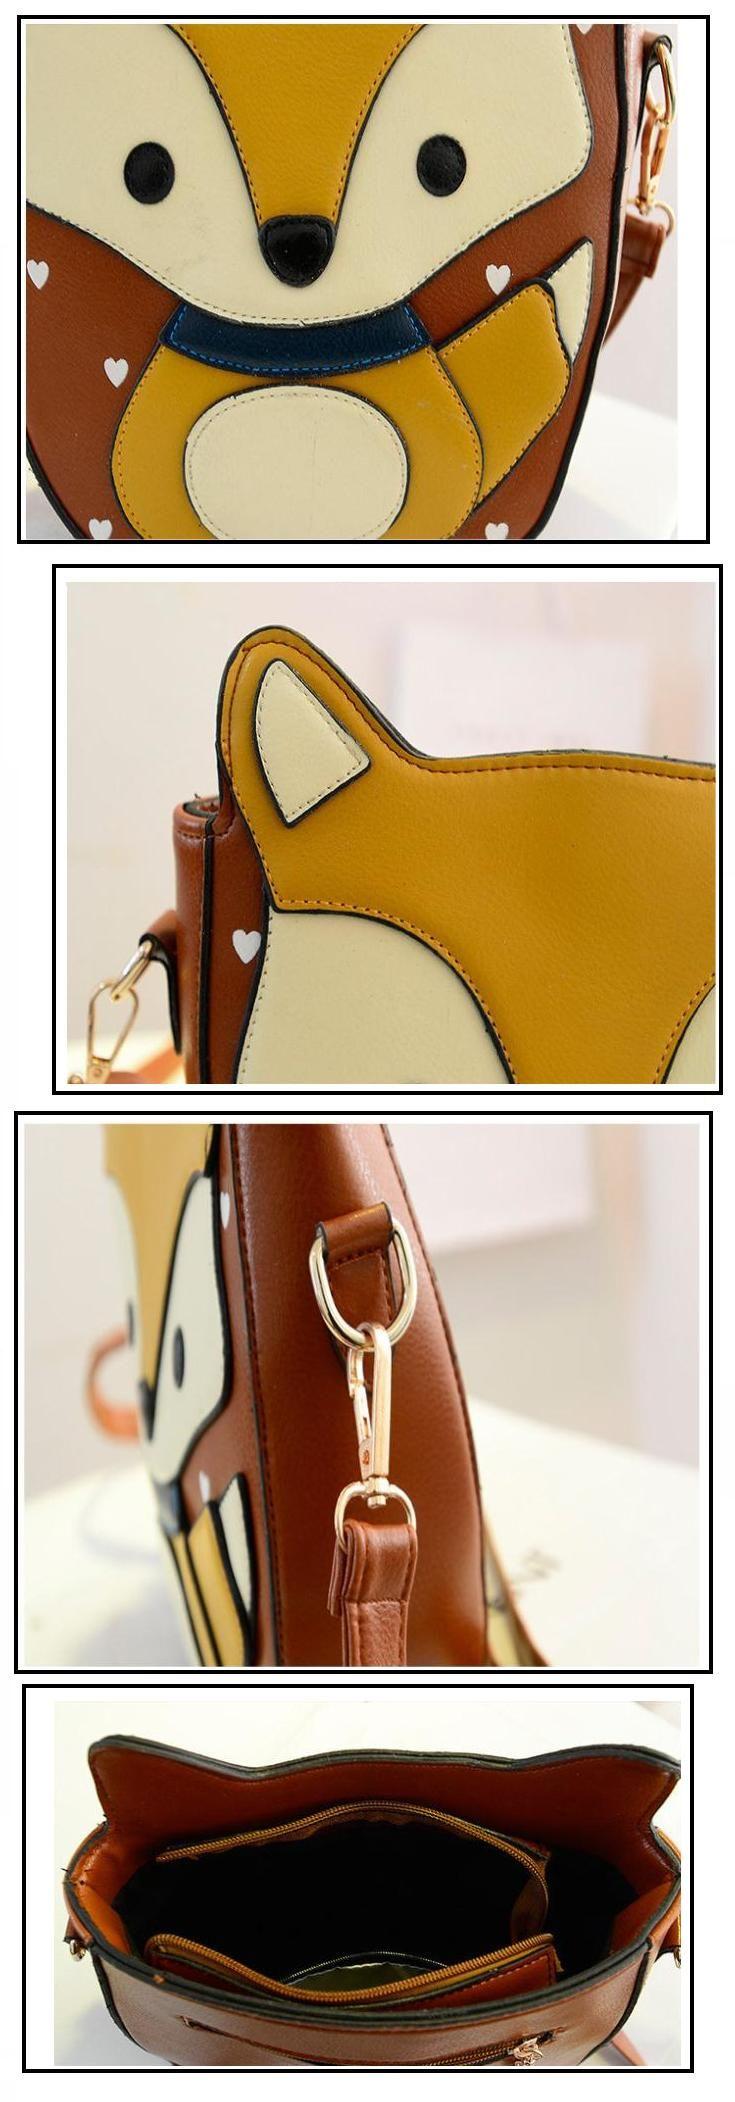 Pin On Torby Tasze Taszki Bags